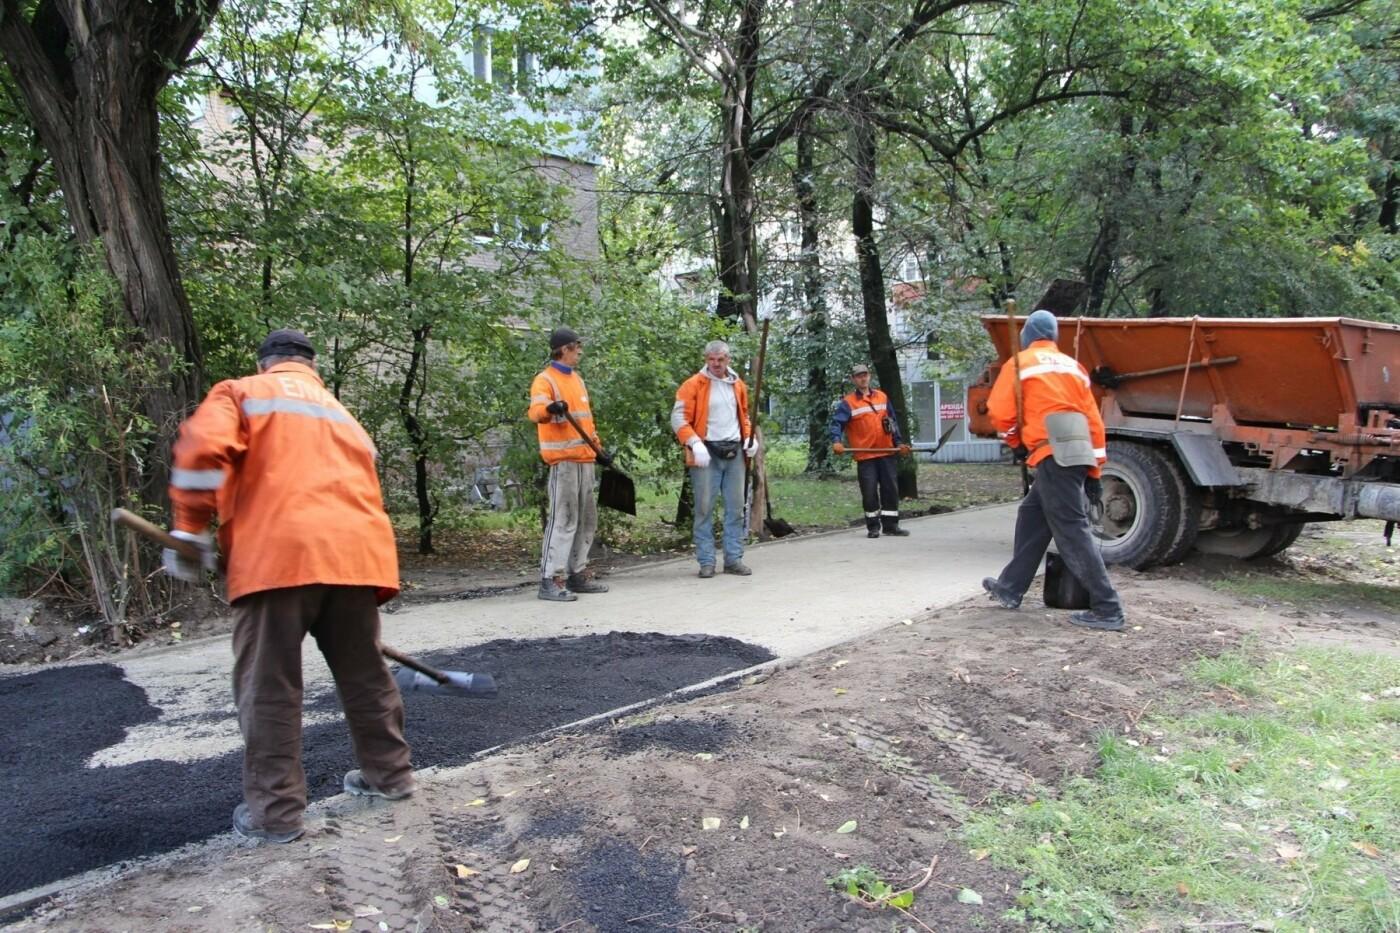 В Запорожье ремонтируют тротуары в районе проспекта Металлургов, - ФОТО, фото-2